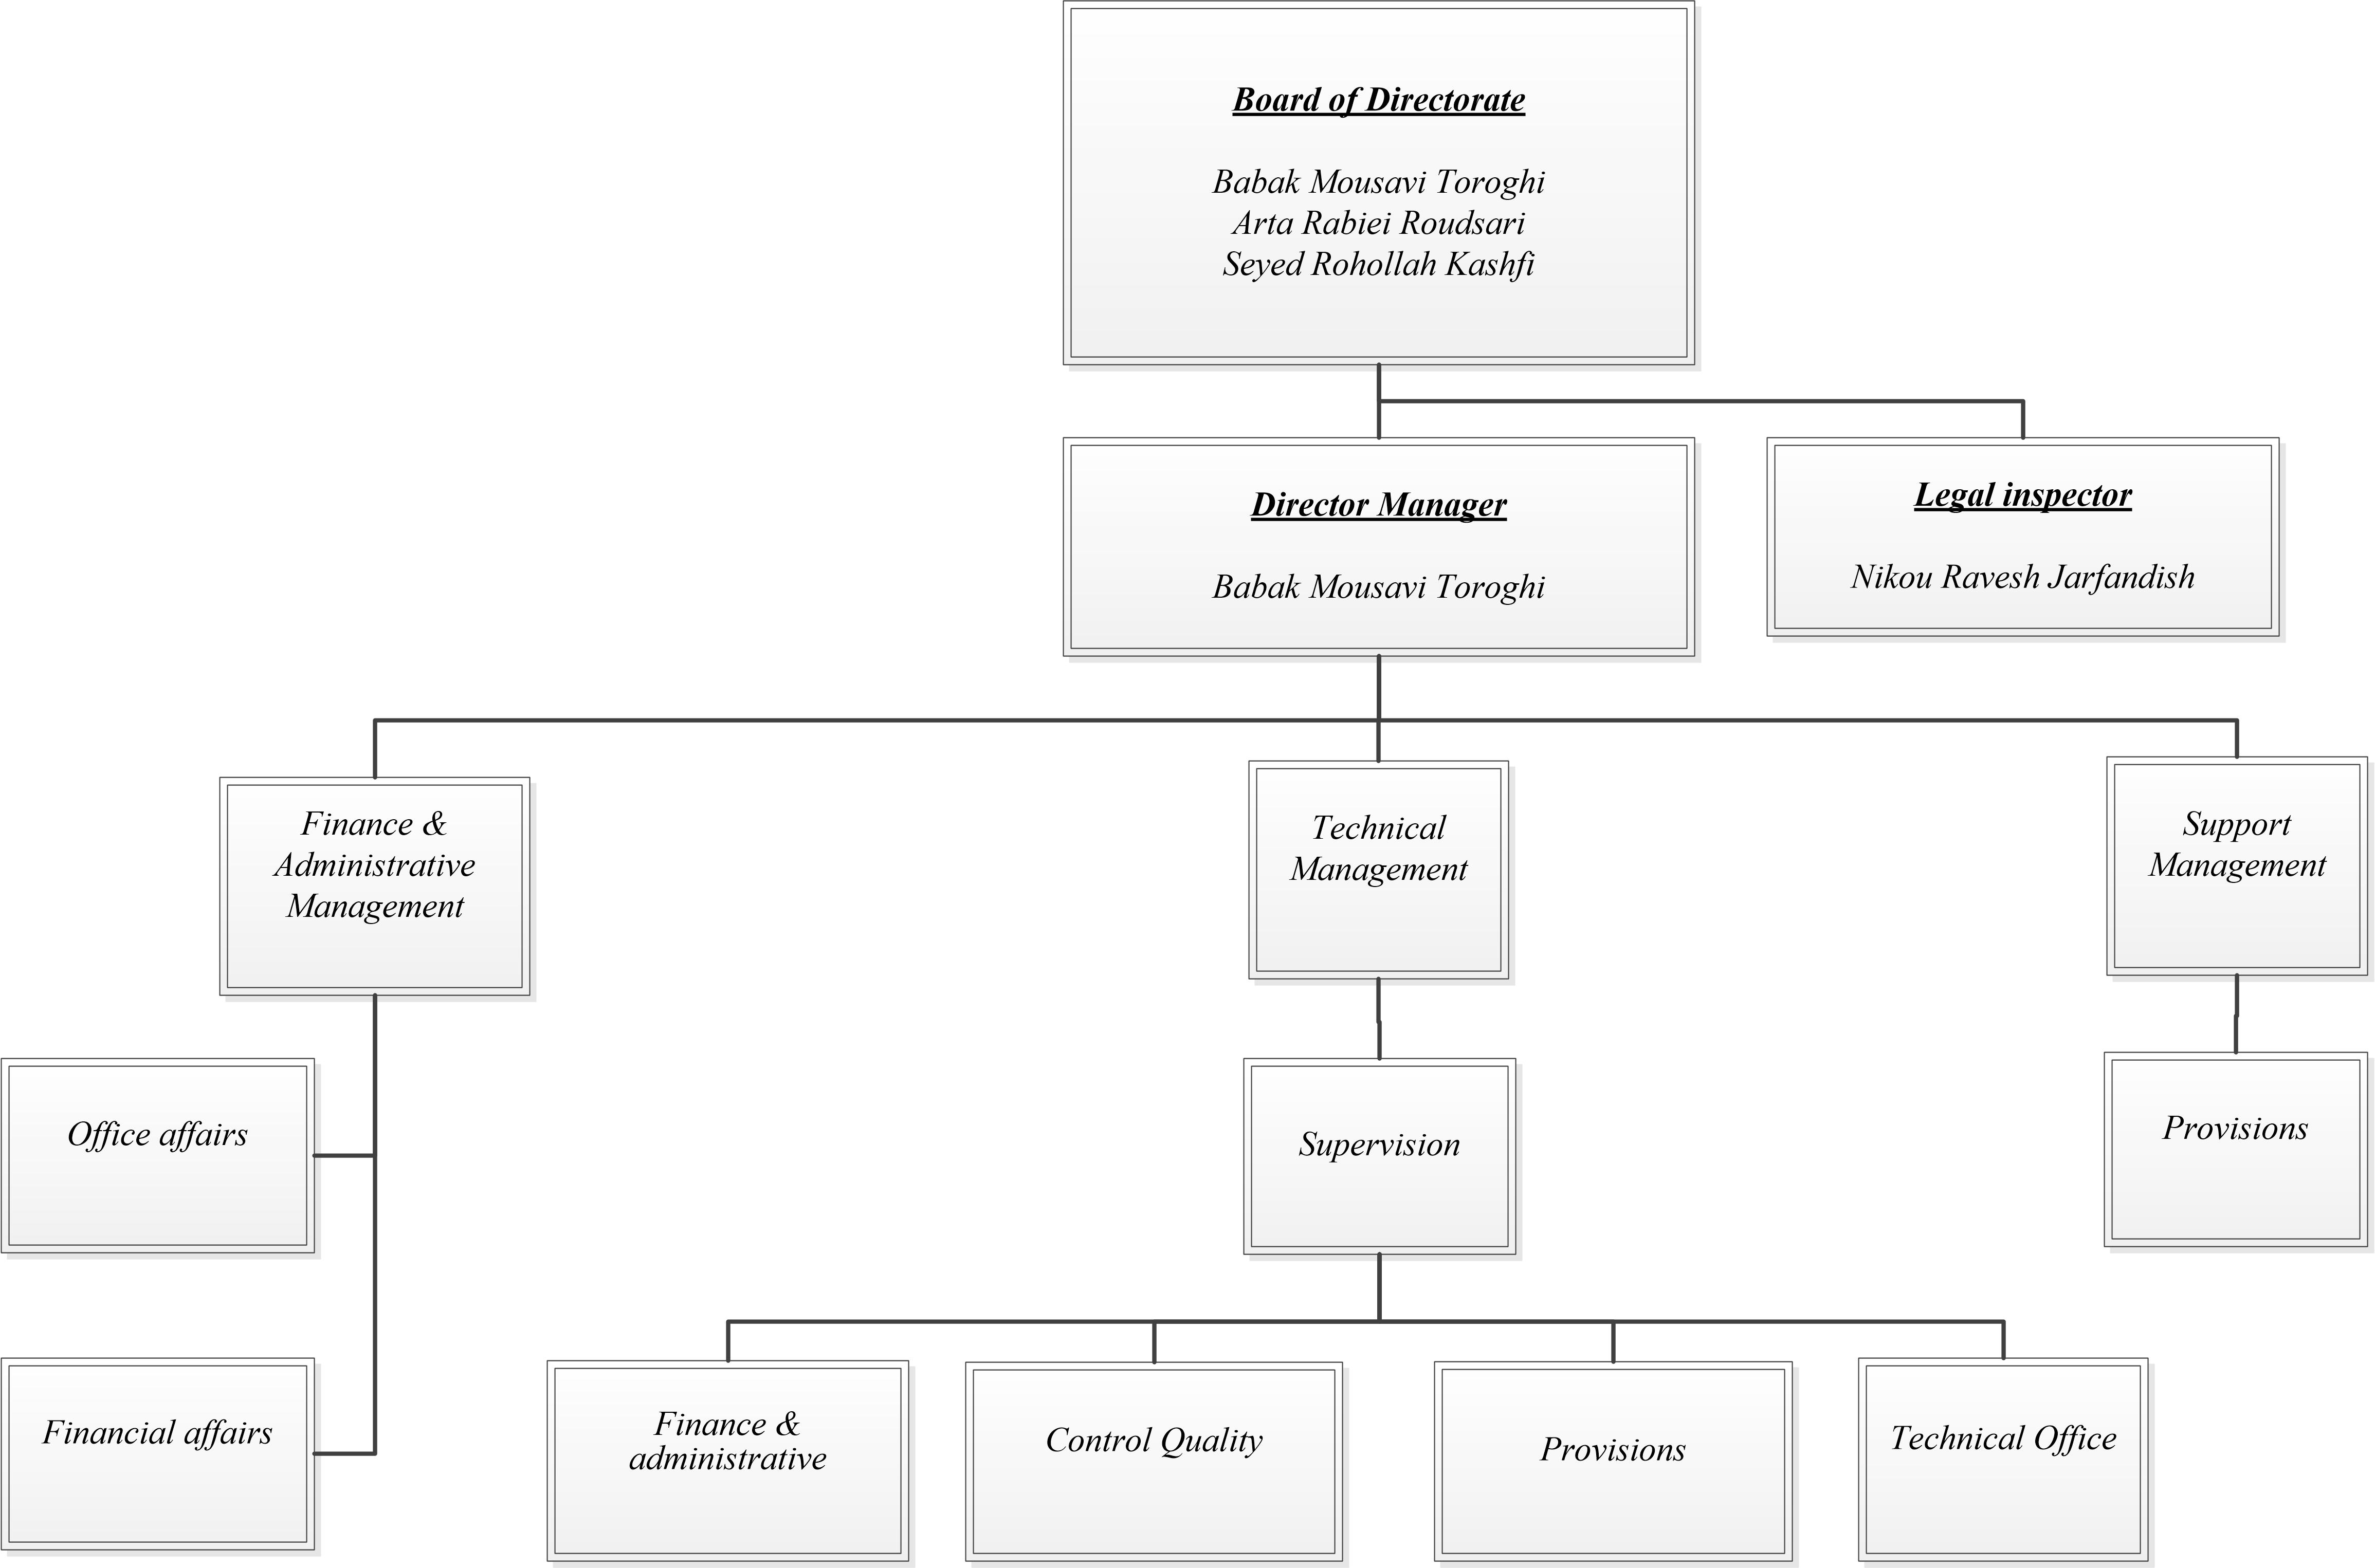 EN-Kasra chart